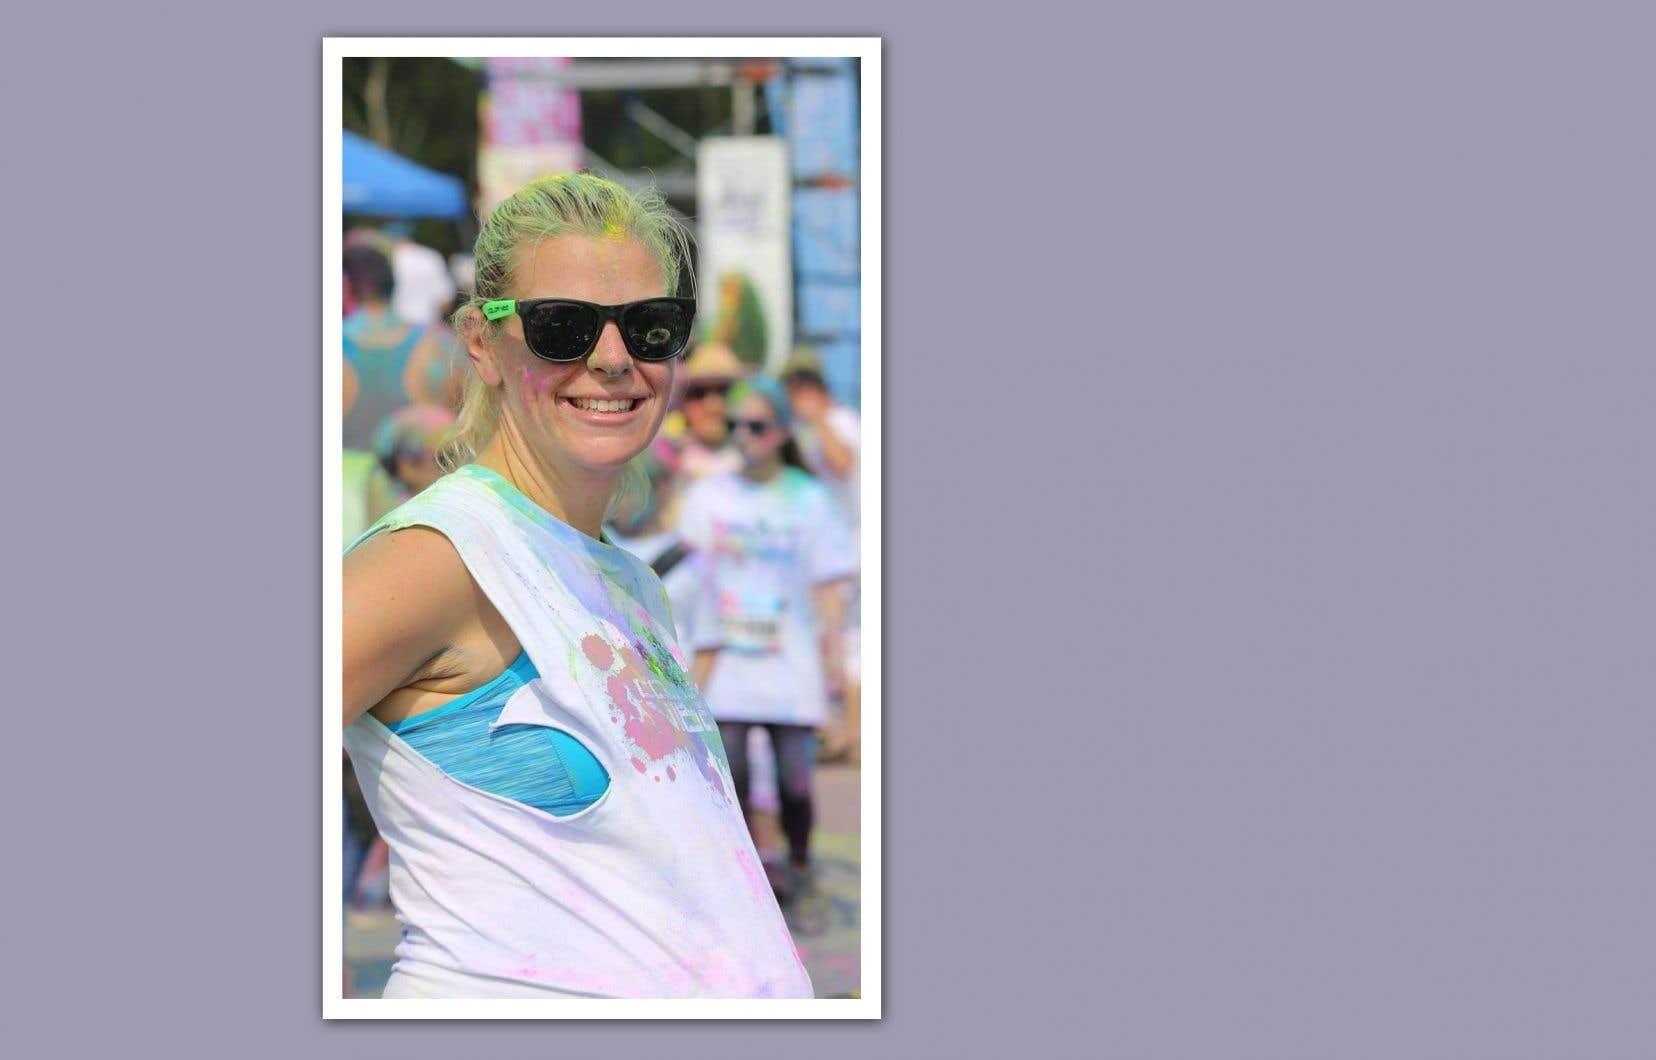 À l'entrée de la maison, des photos de Jaël laissent deviner la personne qu'elle était. Peinture fluo au visage, on la voit notamment enceinte, tout sourire, alors qu'elle s'apprêtait à courir un demi-marathon.